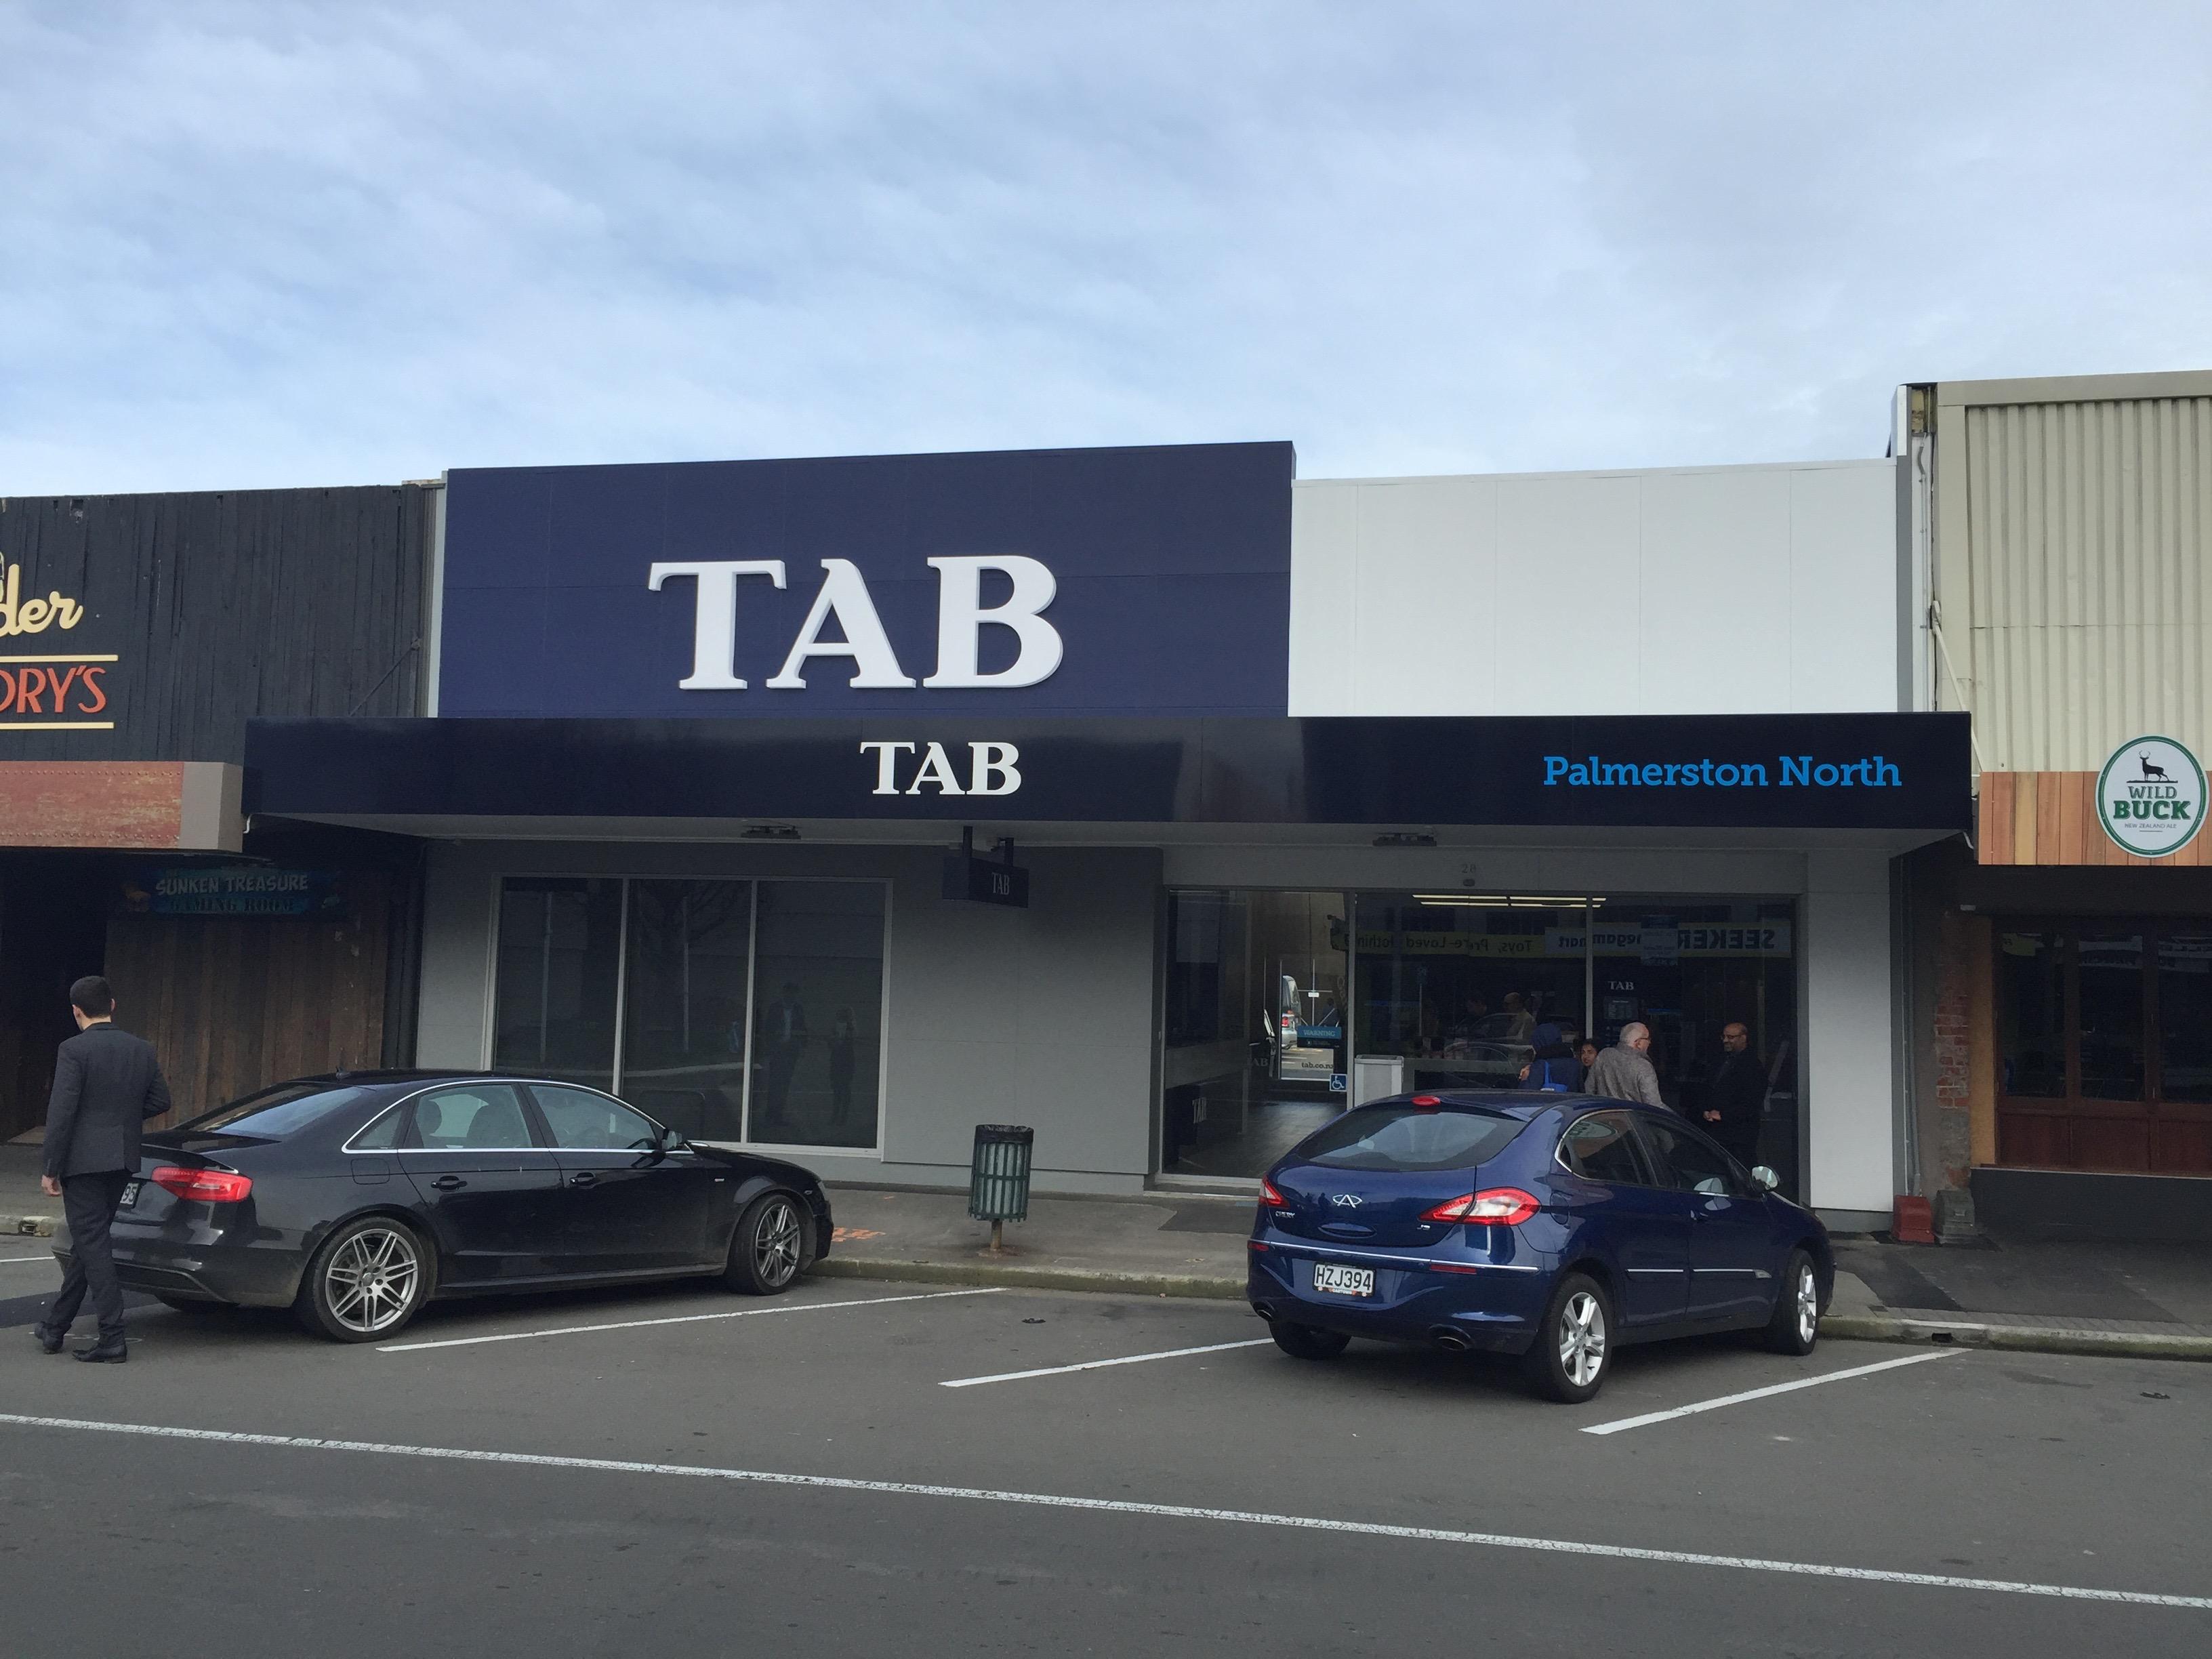 TAB Fitzherbert, Palmerston North